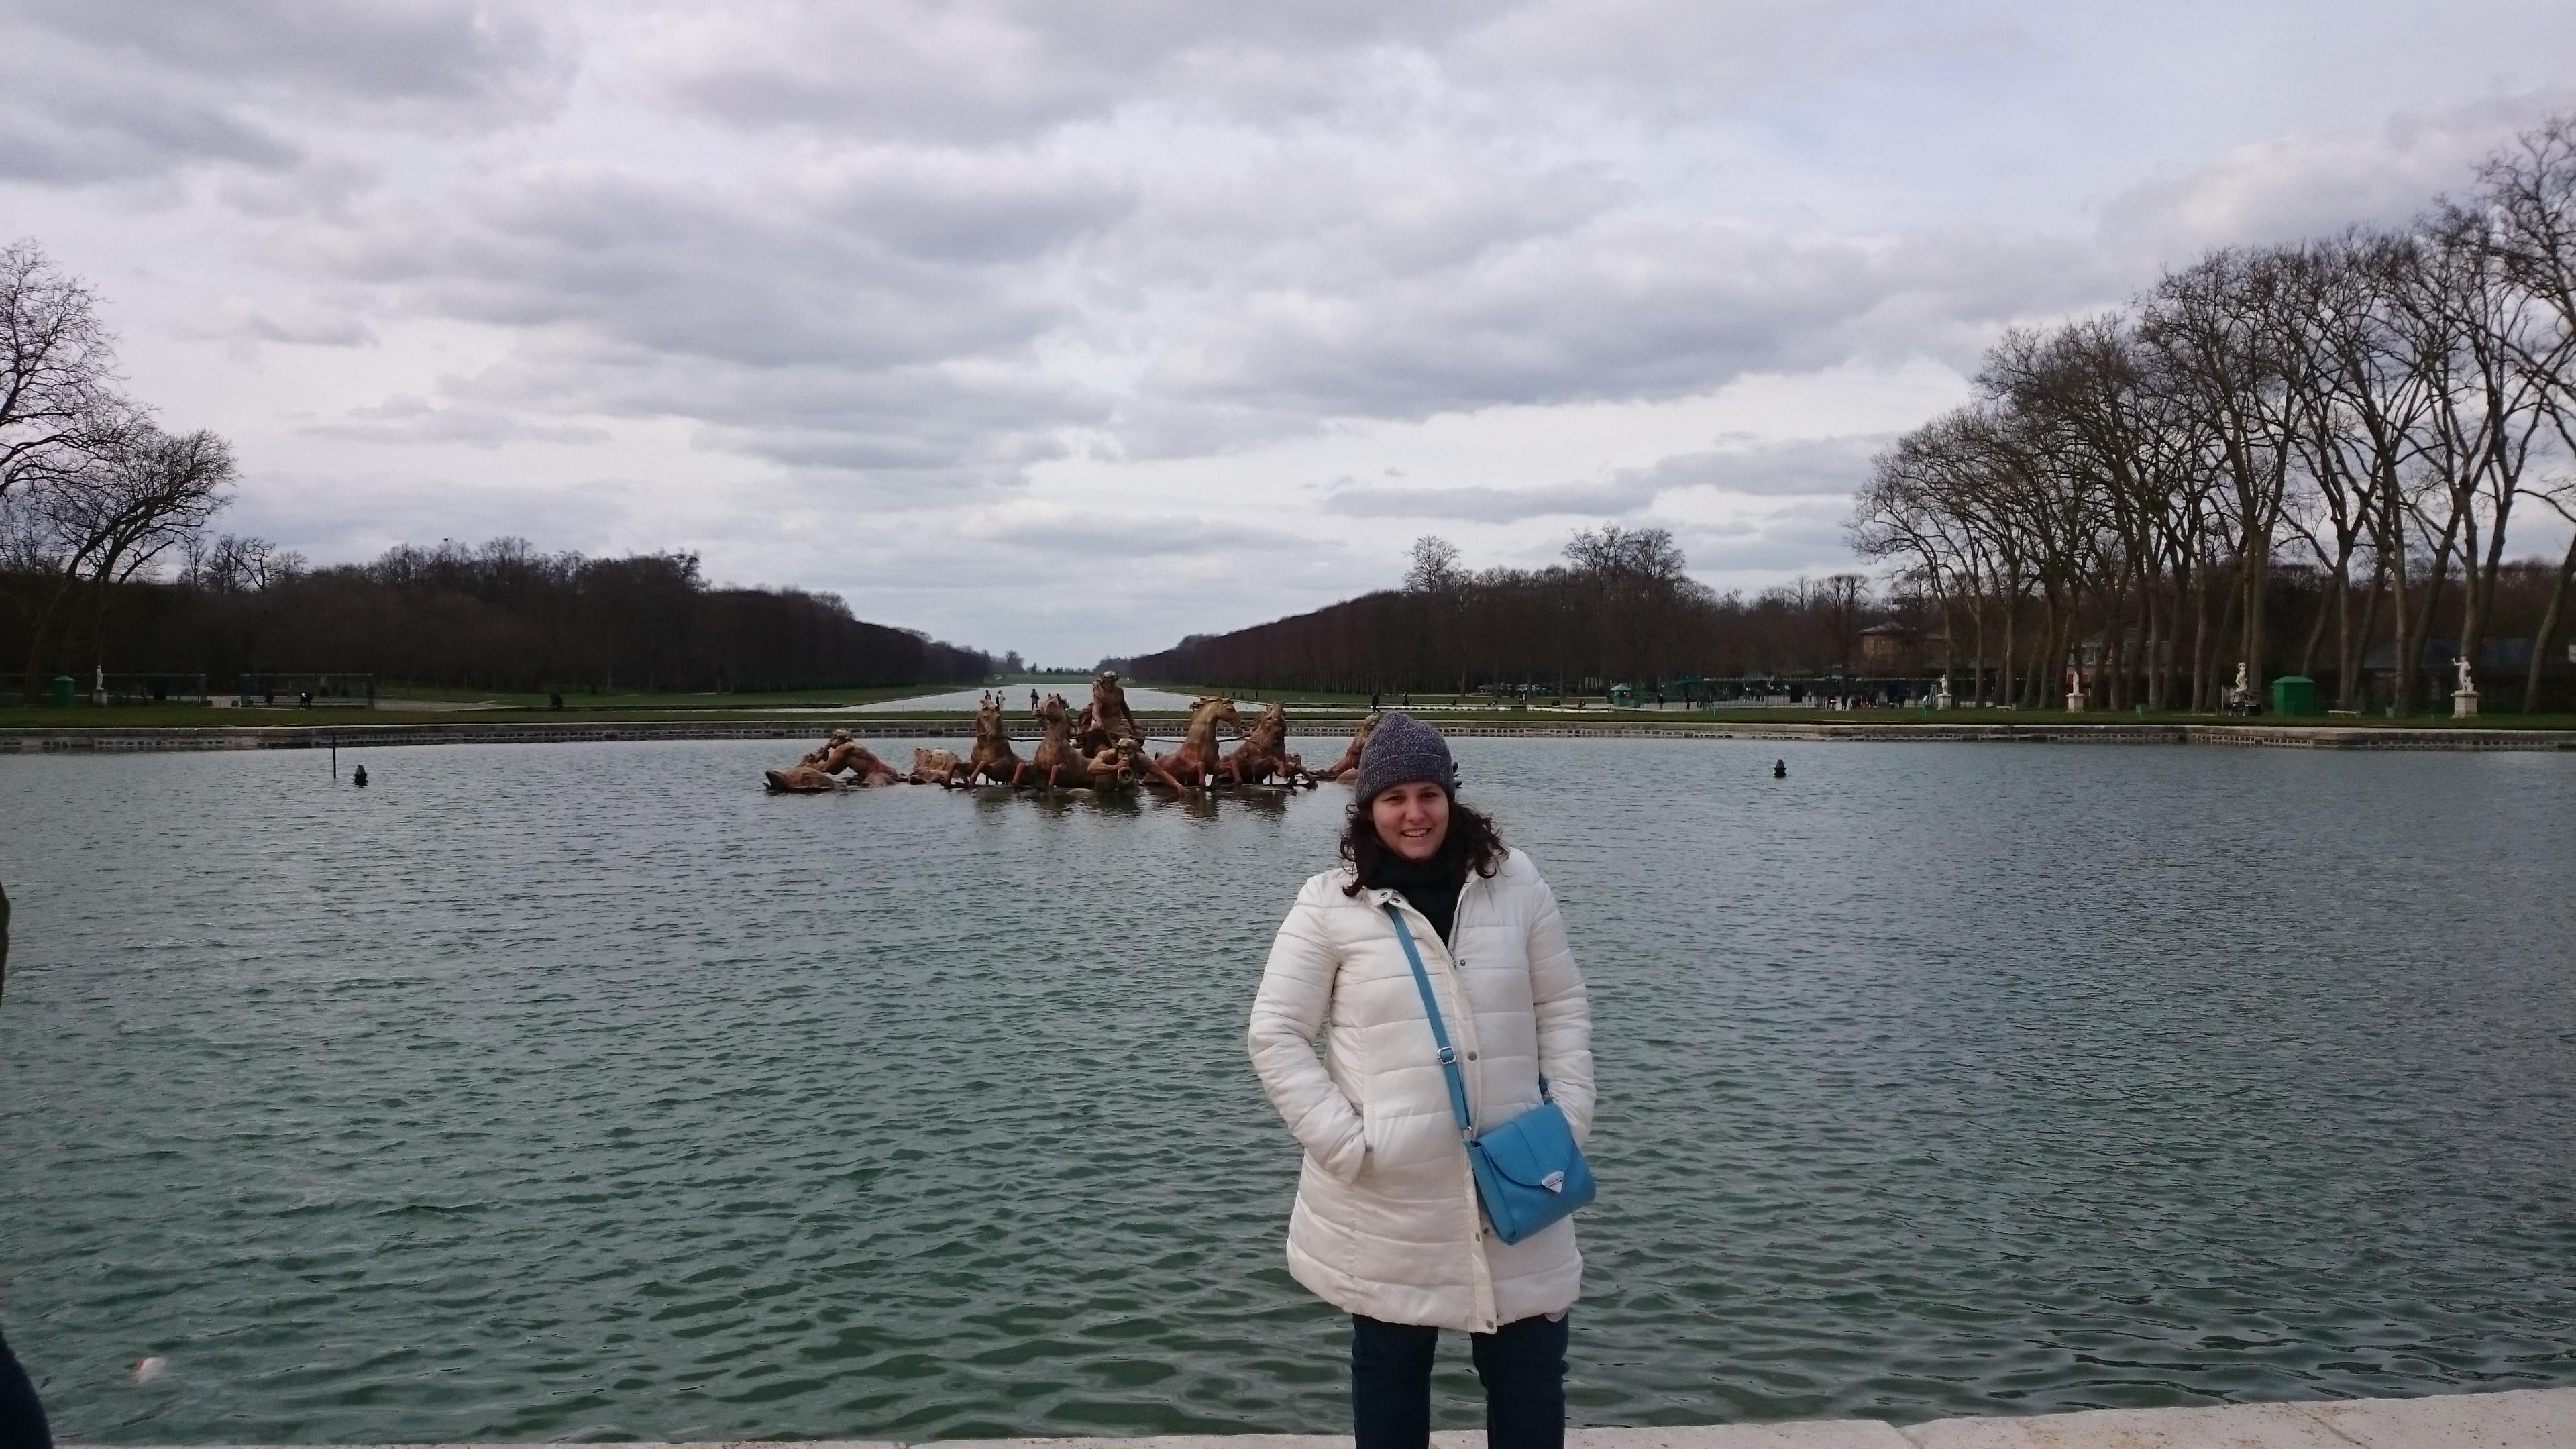 dsc 1287 copia - Visita al Palacio de Versalles: Como ir, cuanto cuesta y tips I/III